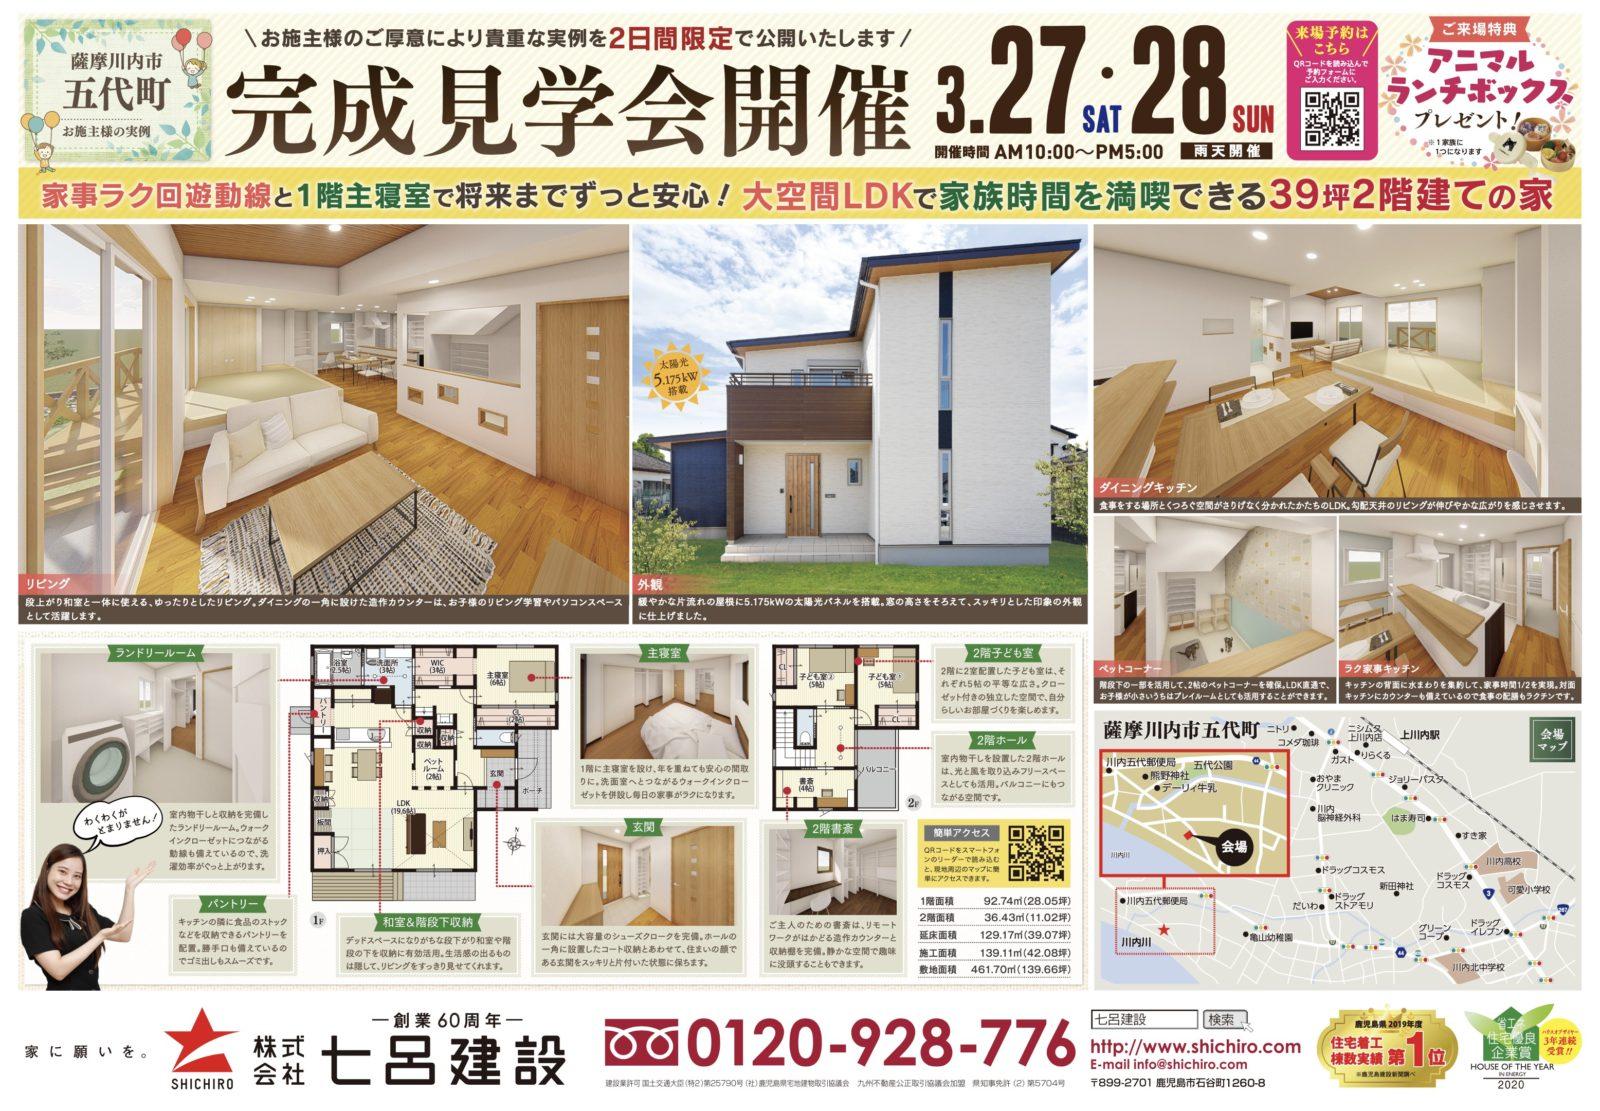 薩摩川内市で完成見学会 大空間LDKで家族時間を満喫できる39坪2階建ての家